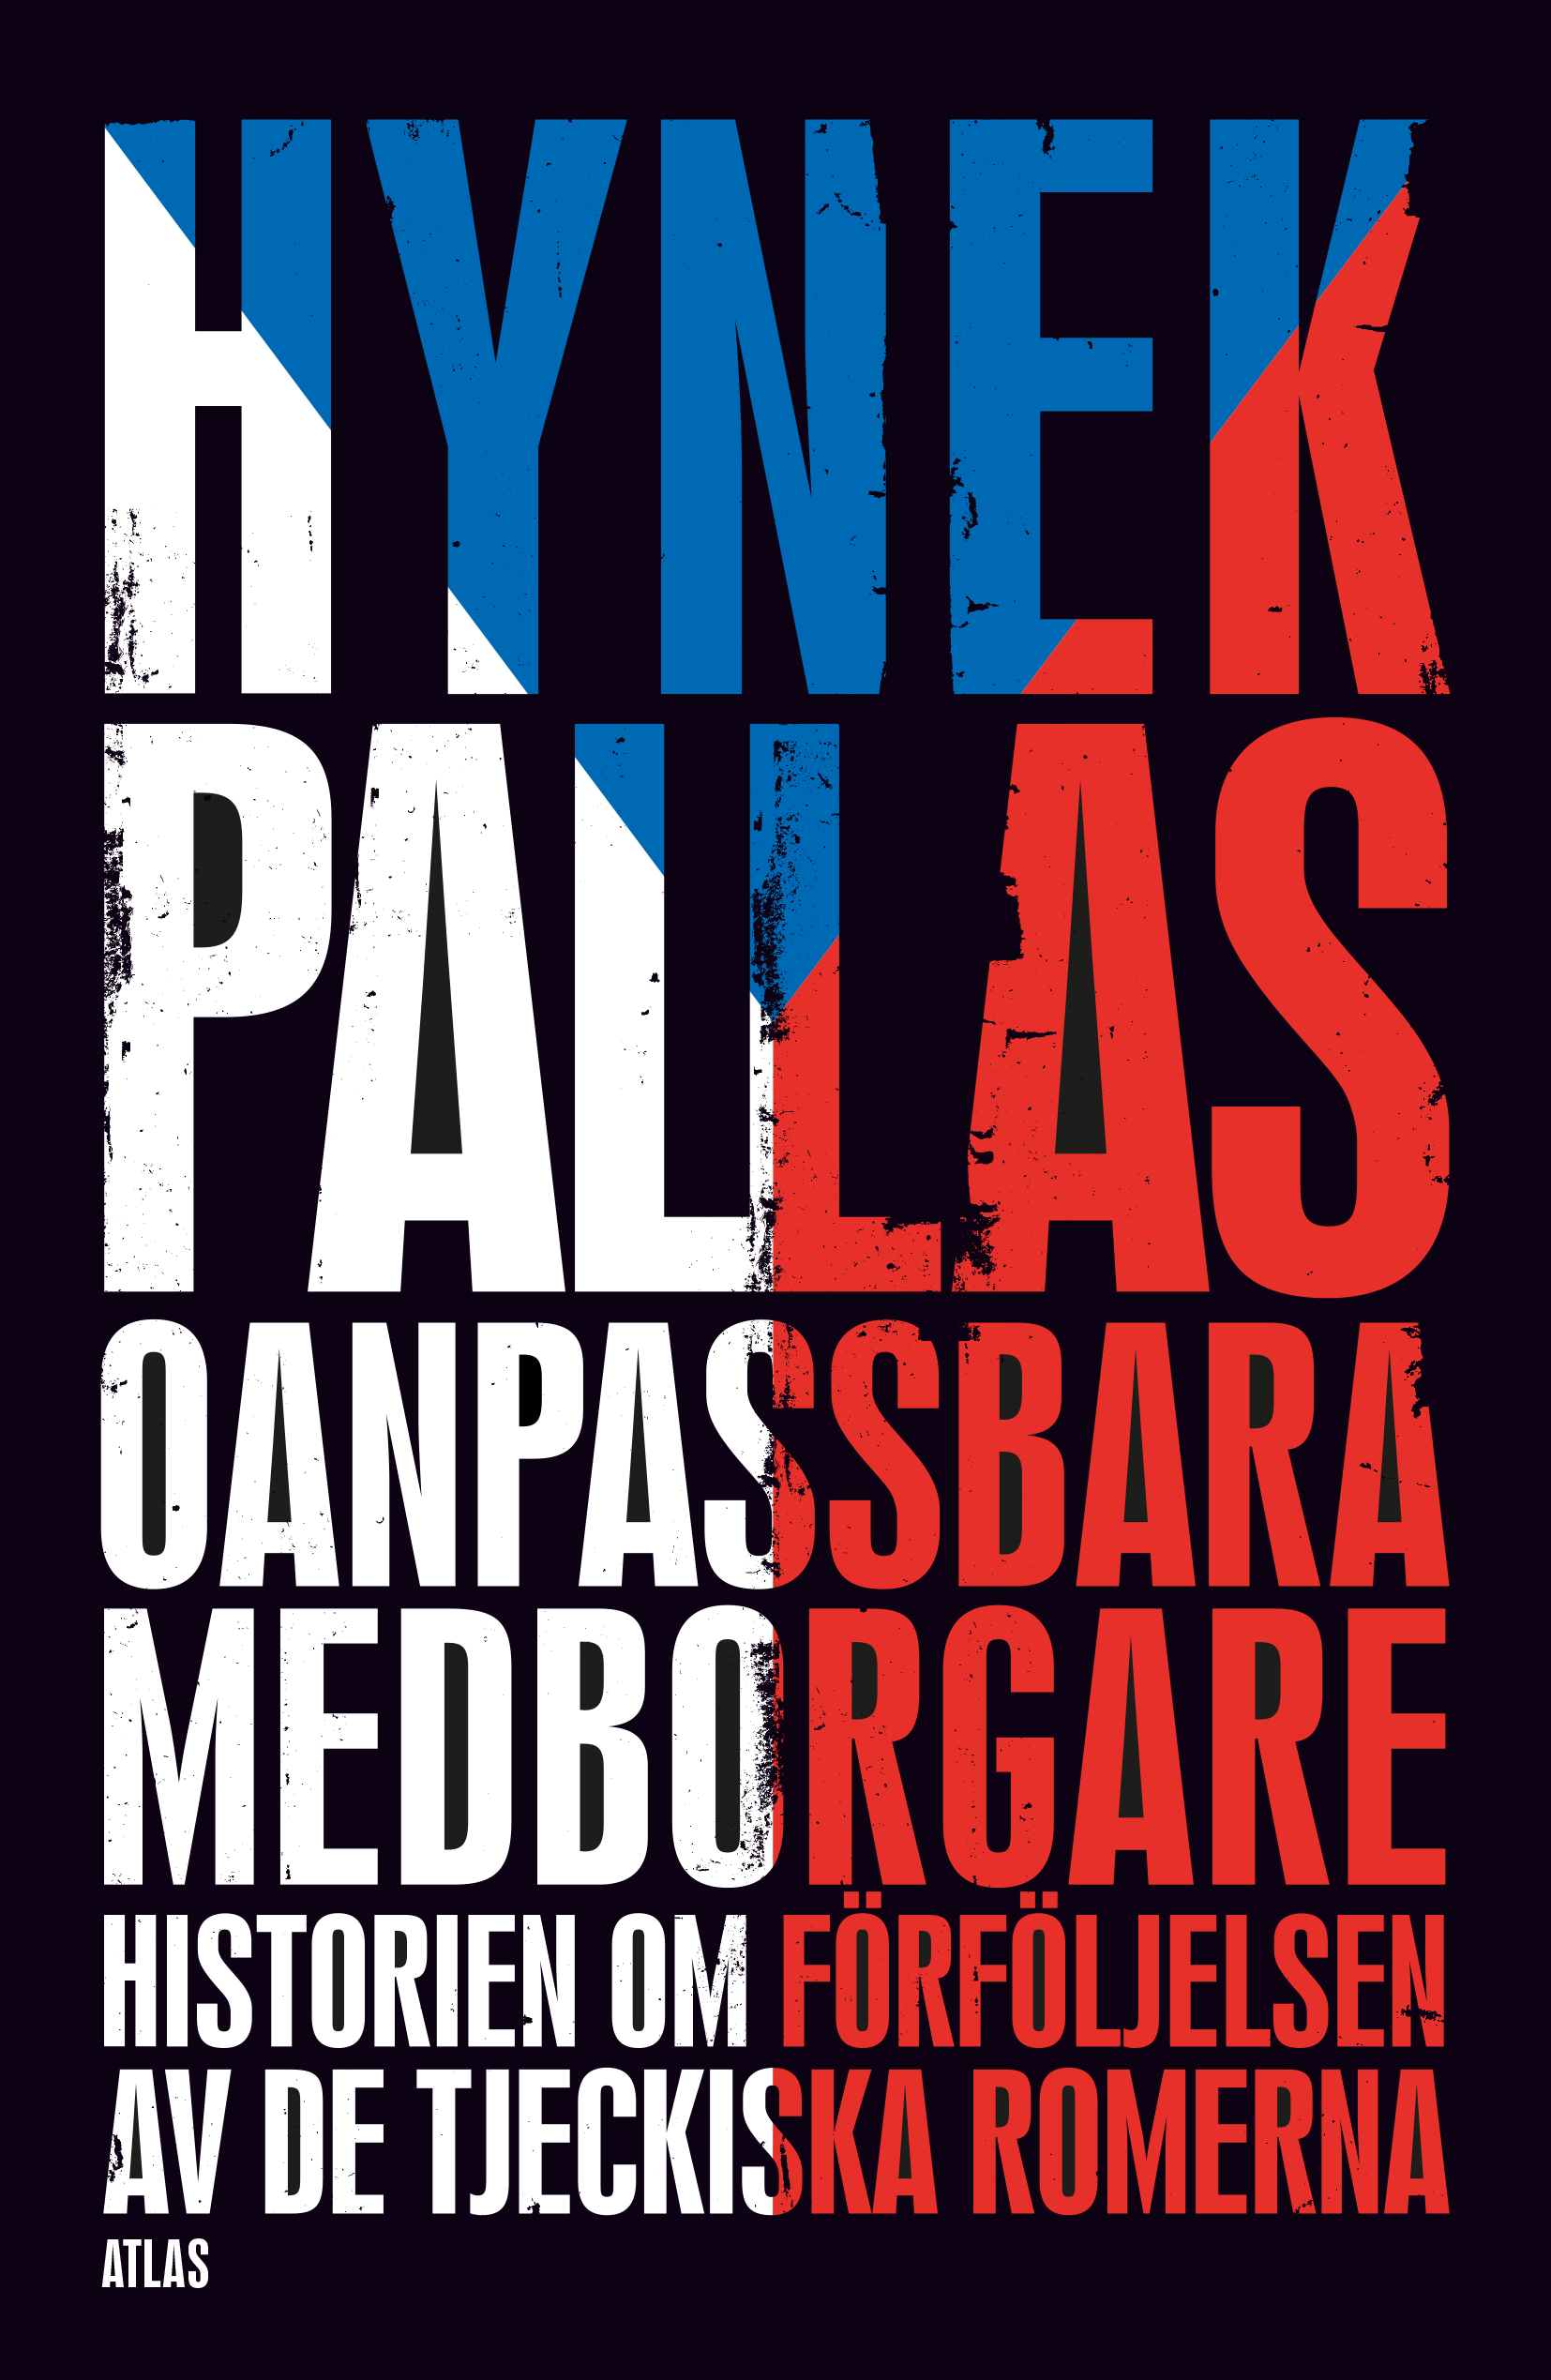 Romsk poesi nyliberalism och forfattarsamtal